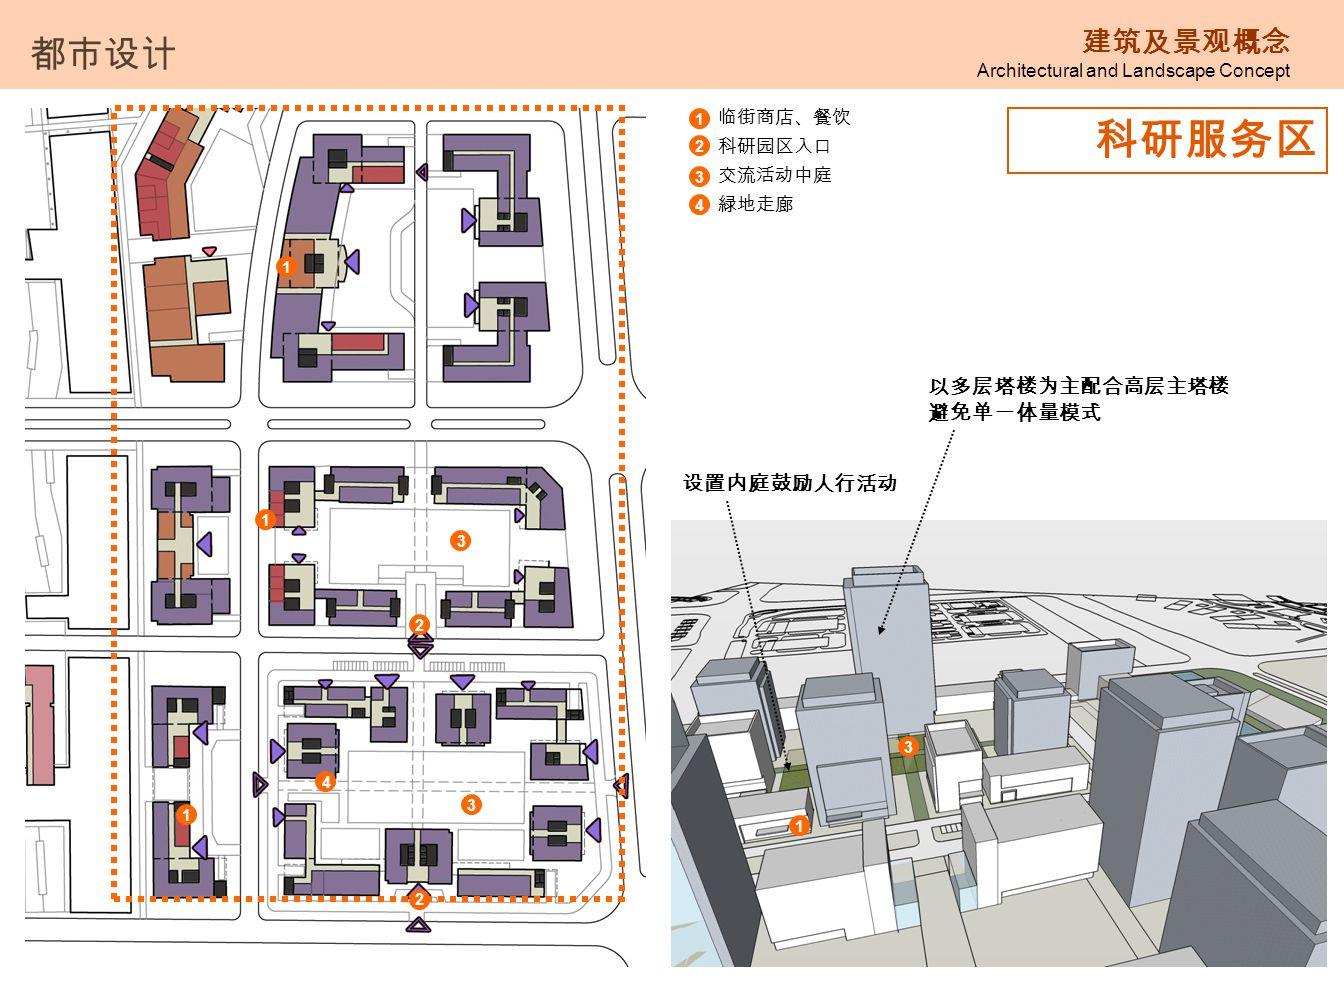 科研服务区 都市设计 建筑及景观概念 以多层塔楼为主配合高层主塔楼 避免单一体量模式 设置内庭鼓励人行活动